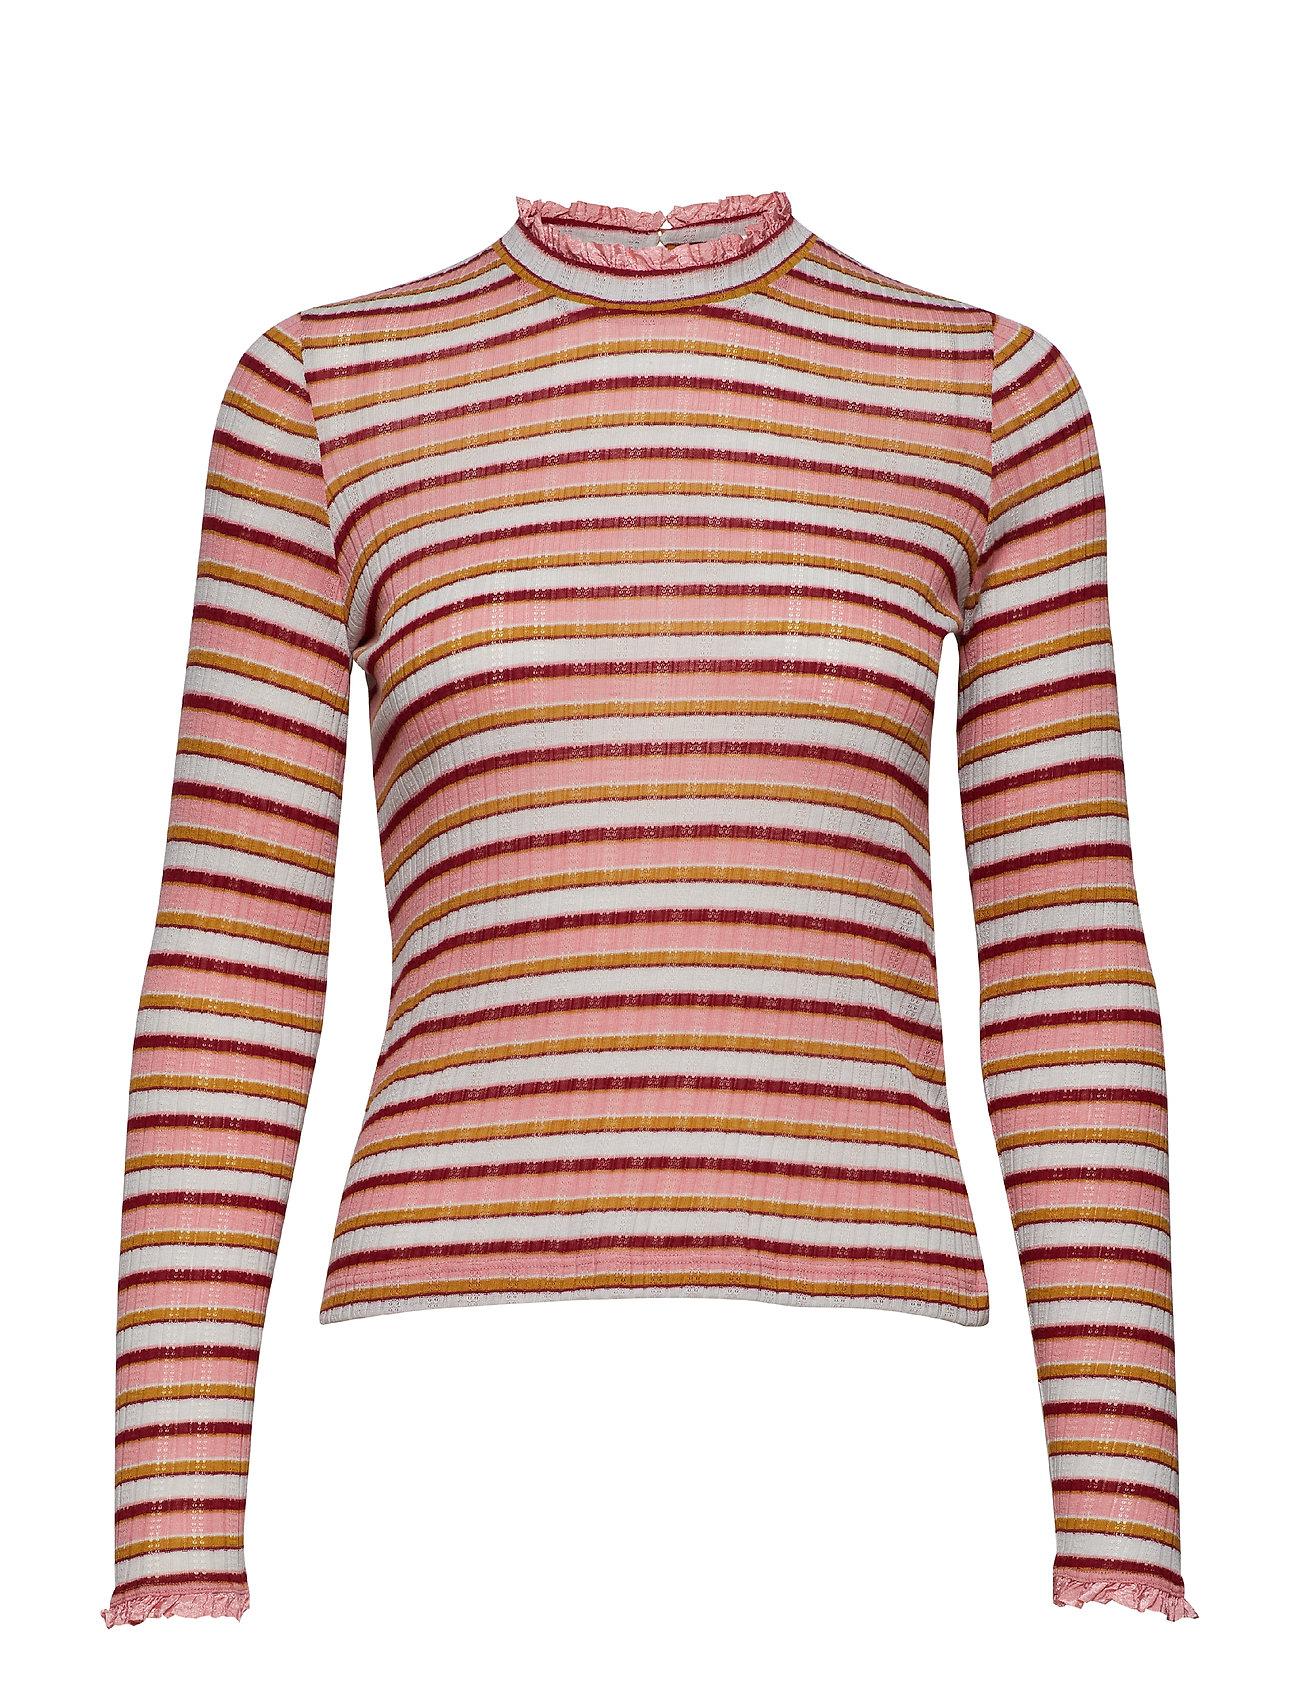 Goya Rib JerseystripesStine Angelica508 Rib Goya Goya Angelica508 Rib JerseystripesStine JerseystripesStine Angelica508 l1JTKcF